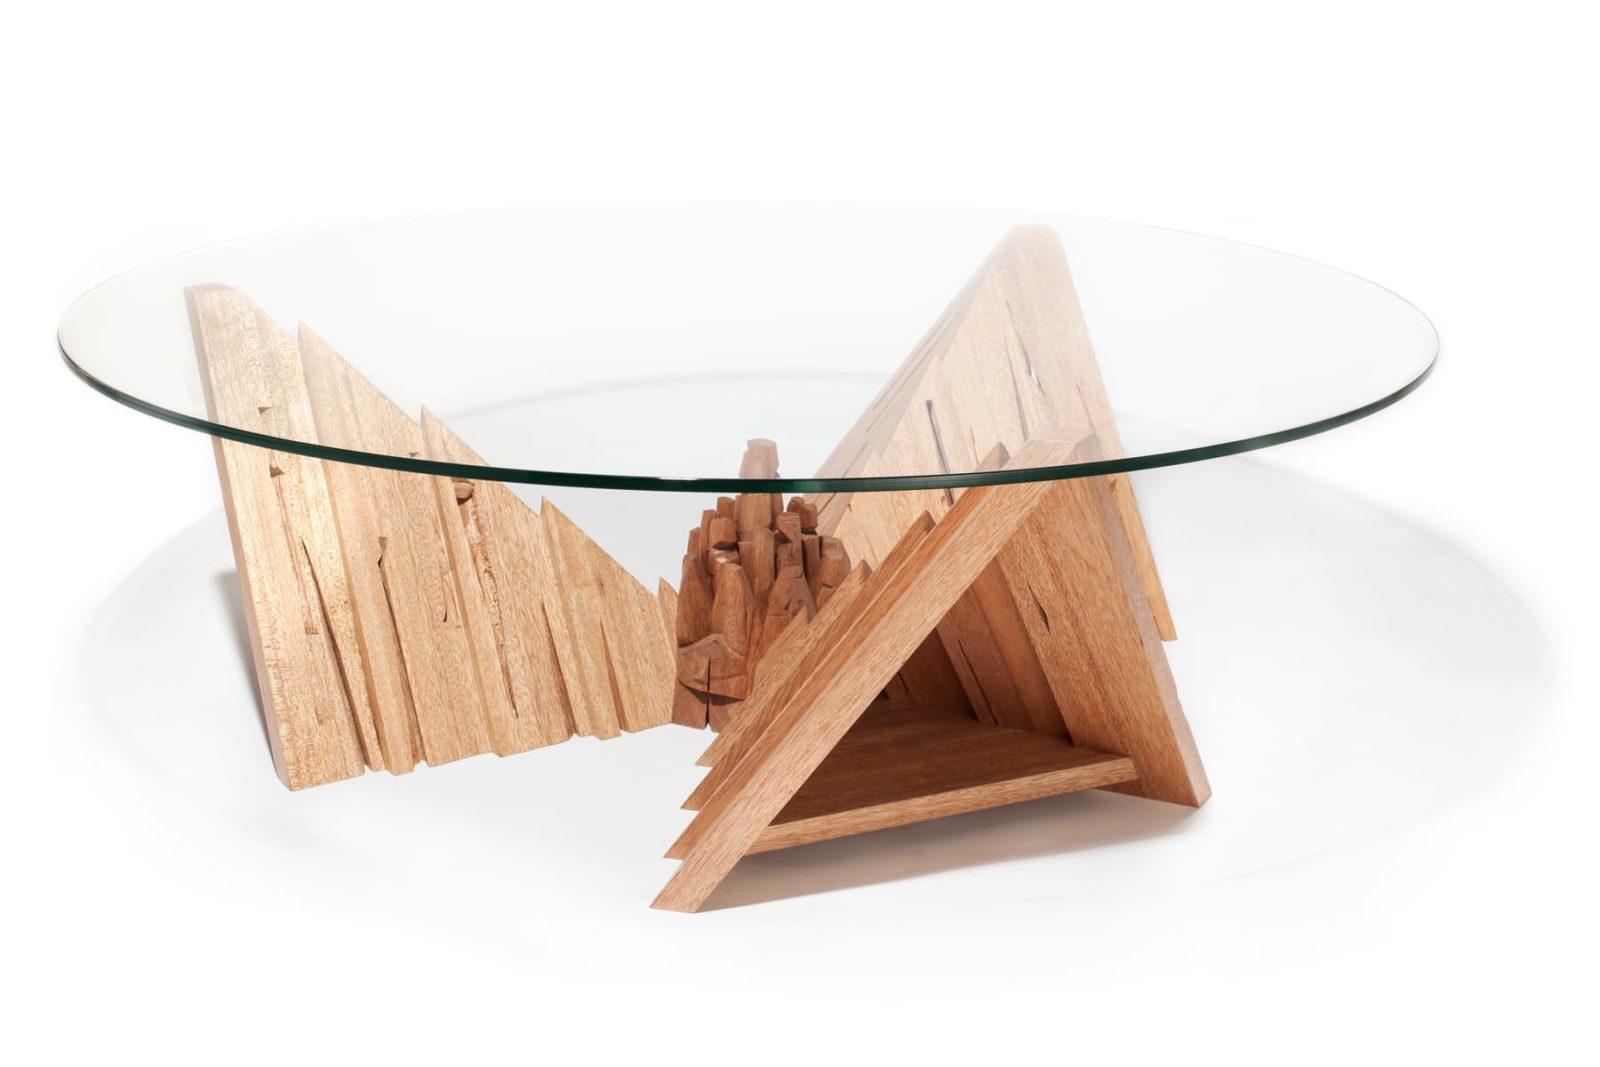 Sirope-proyectos-tuomas kuure-pieza1_2-estudio-agencia-creativa-branding